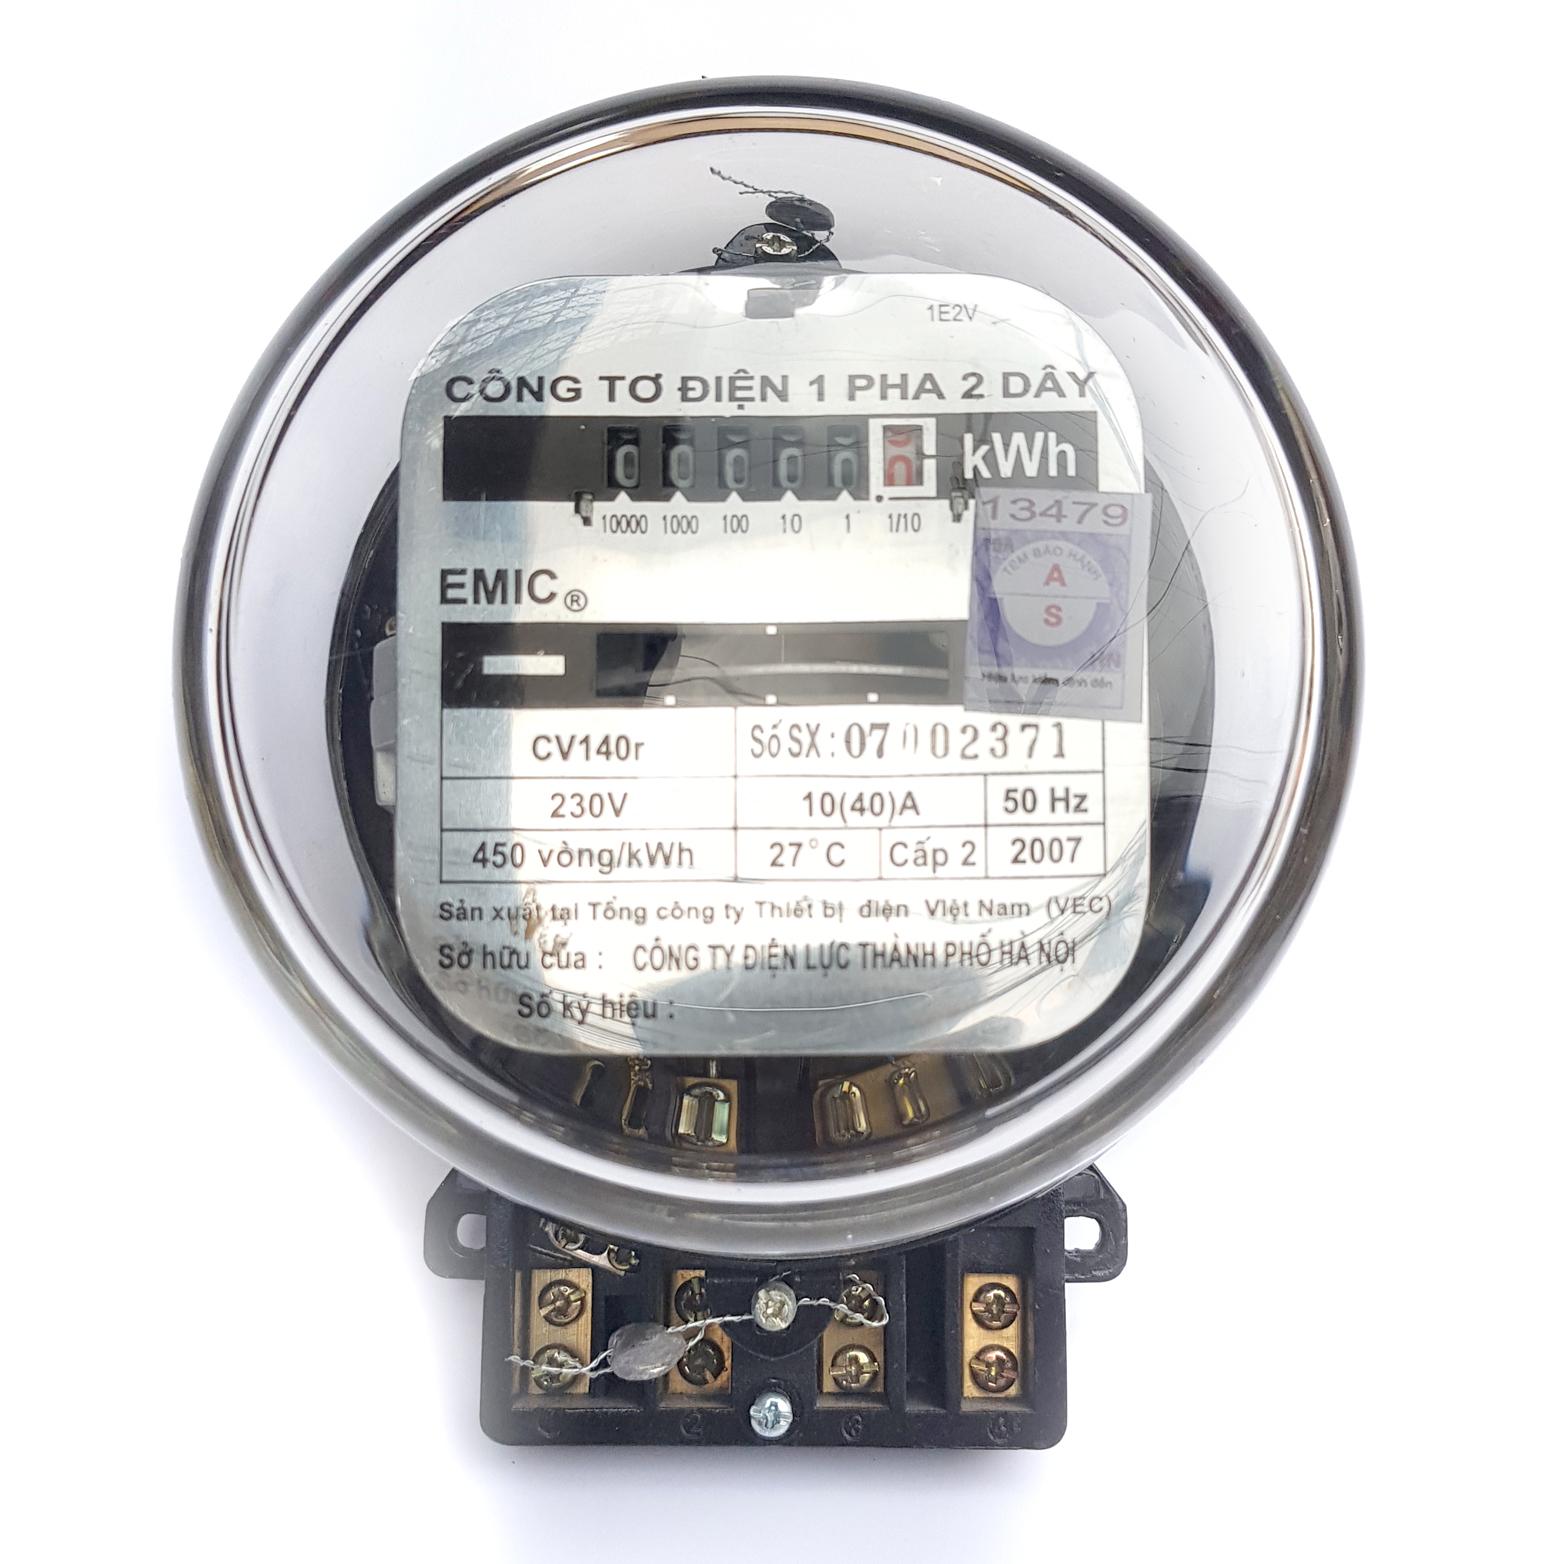 Công tơ điện 1 Pha EMIC 10(40)A